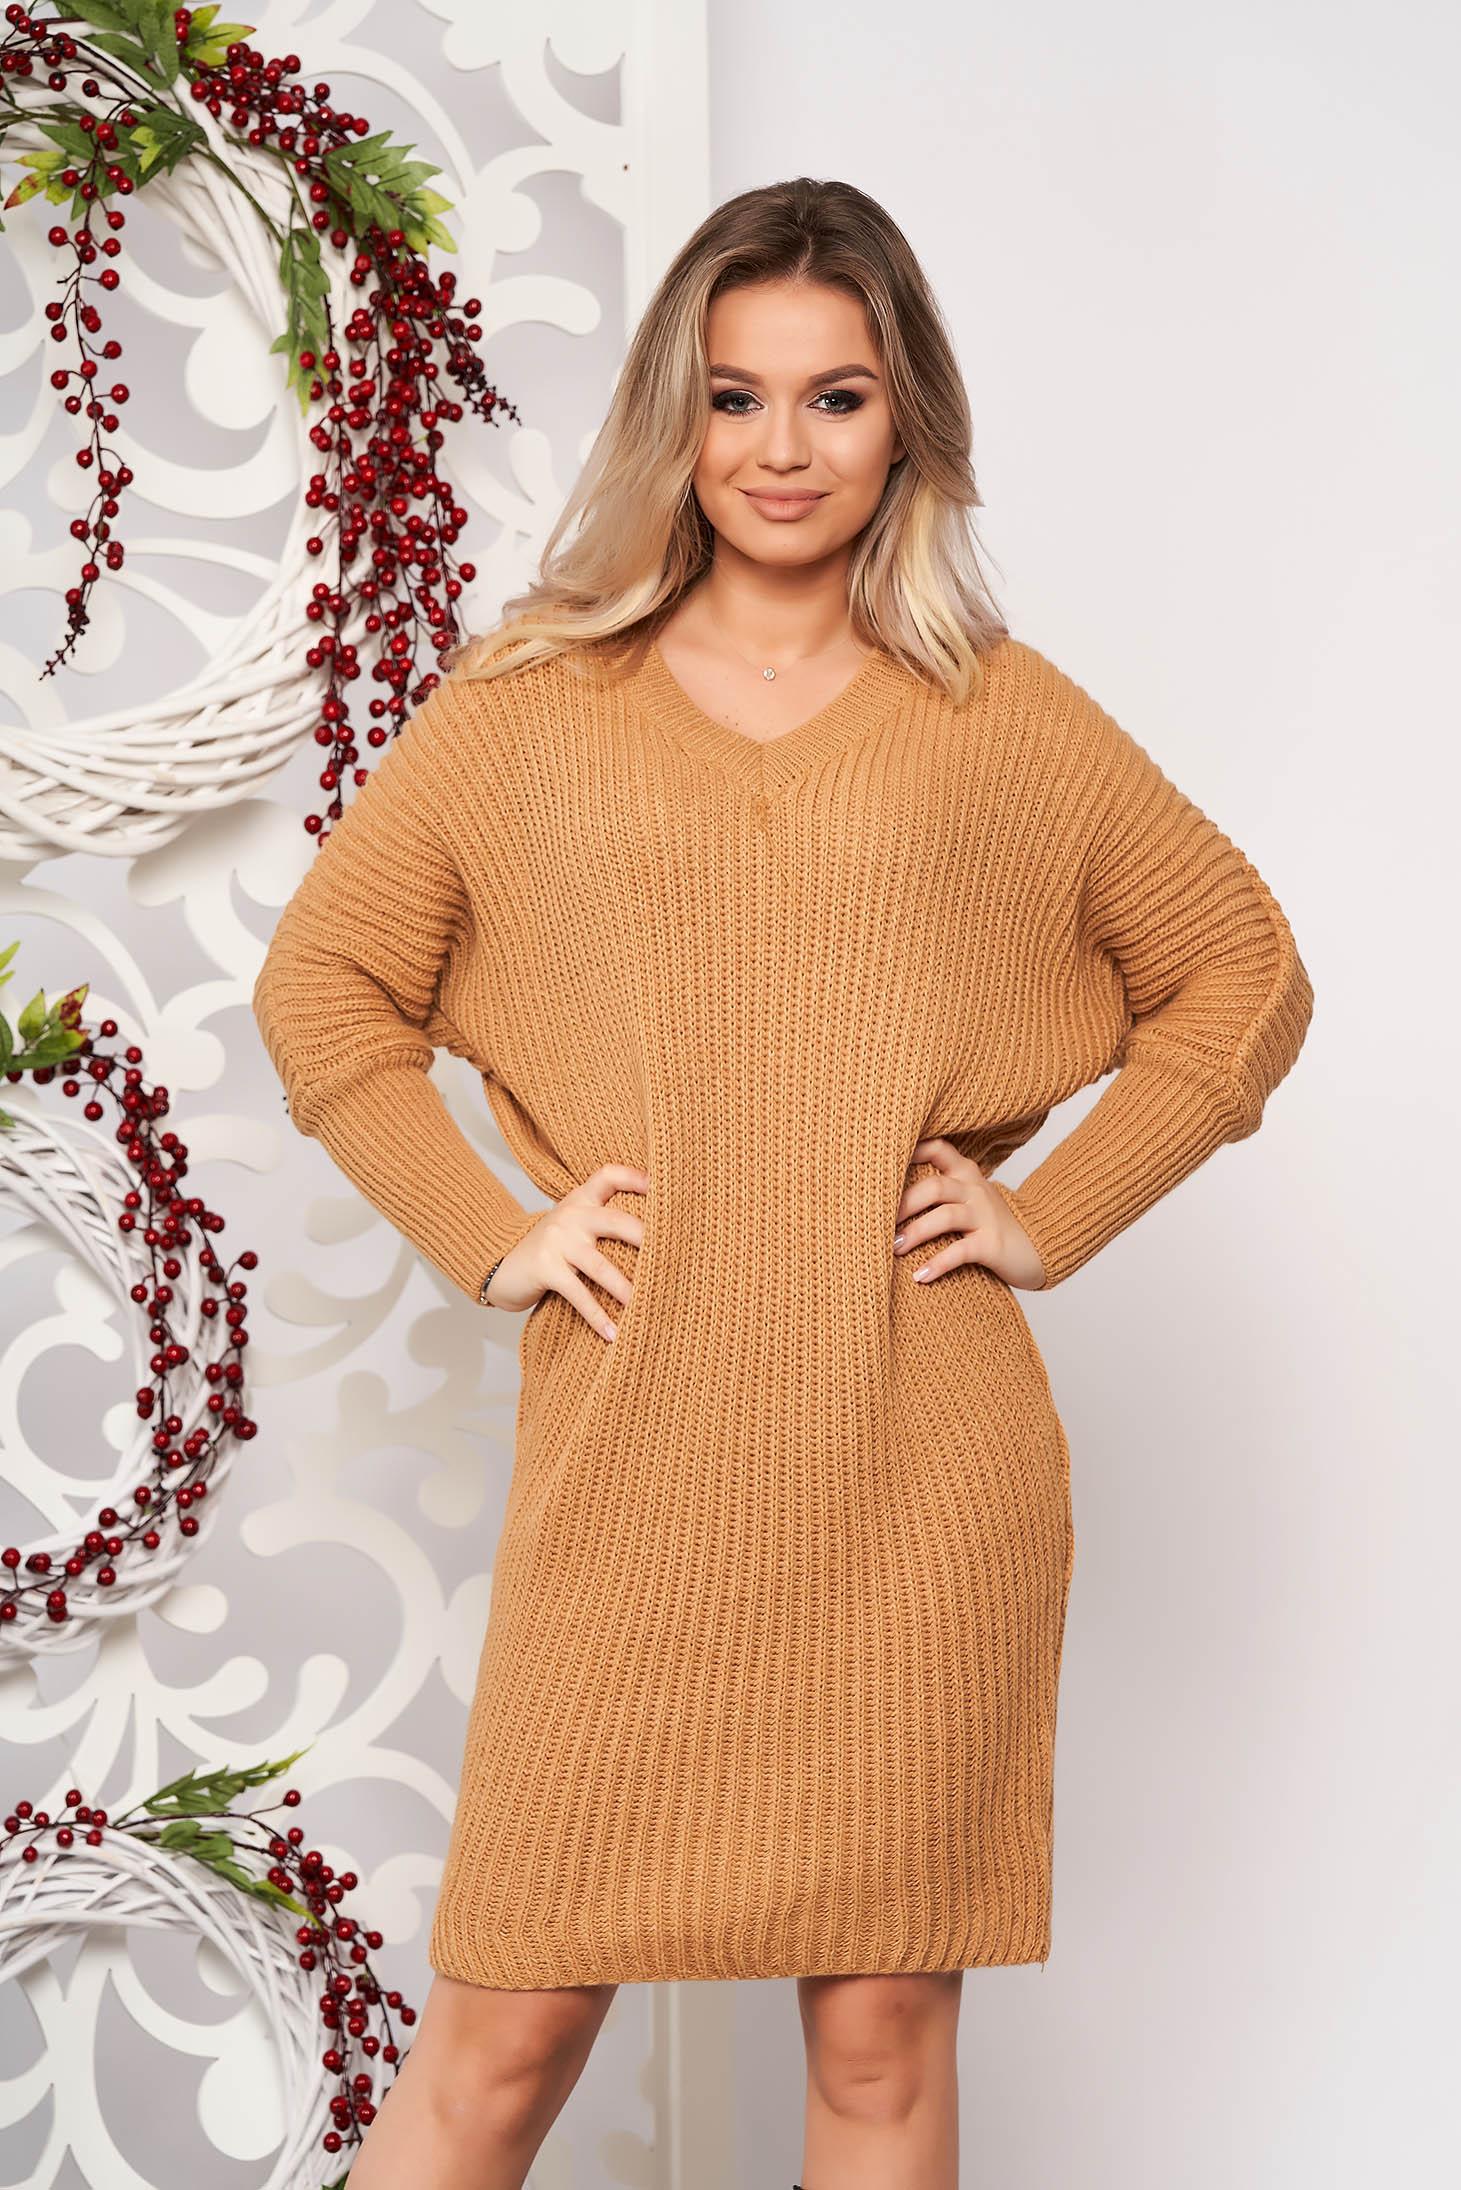 Rochie SunShine maro casual midi din material tricotat cu un croi drept cu decolteu in v si maneci lungi